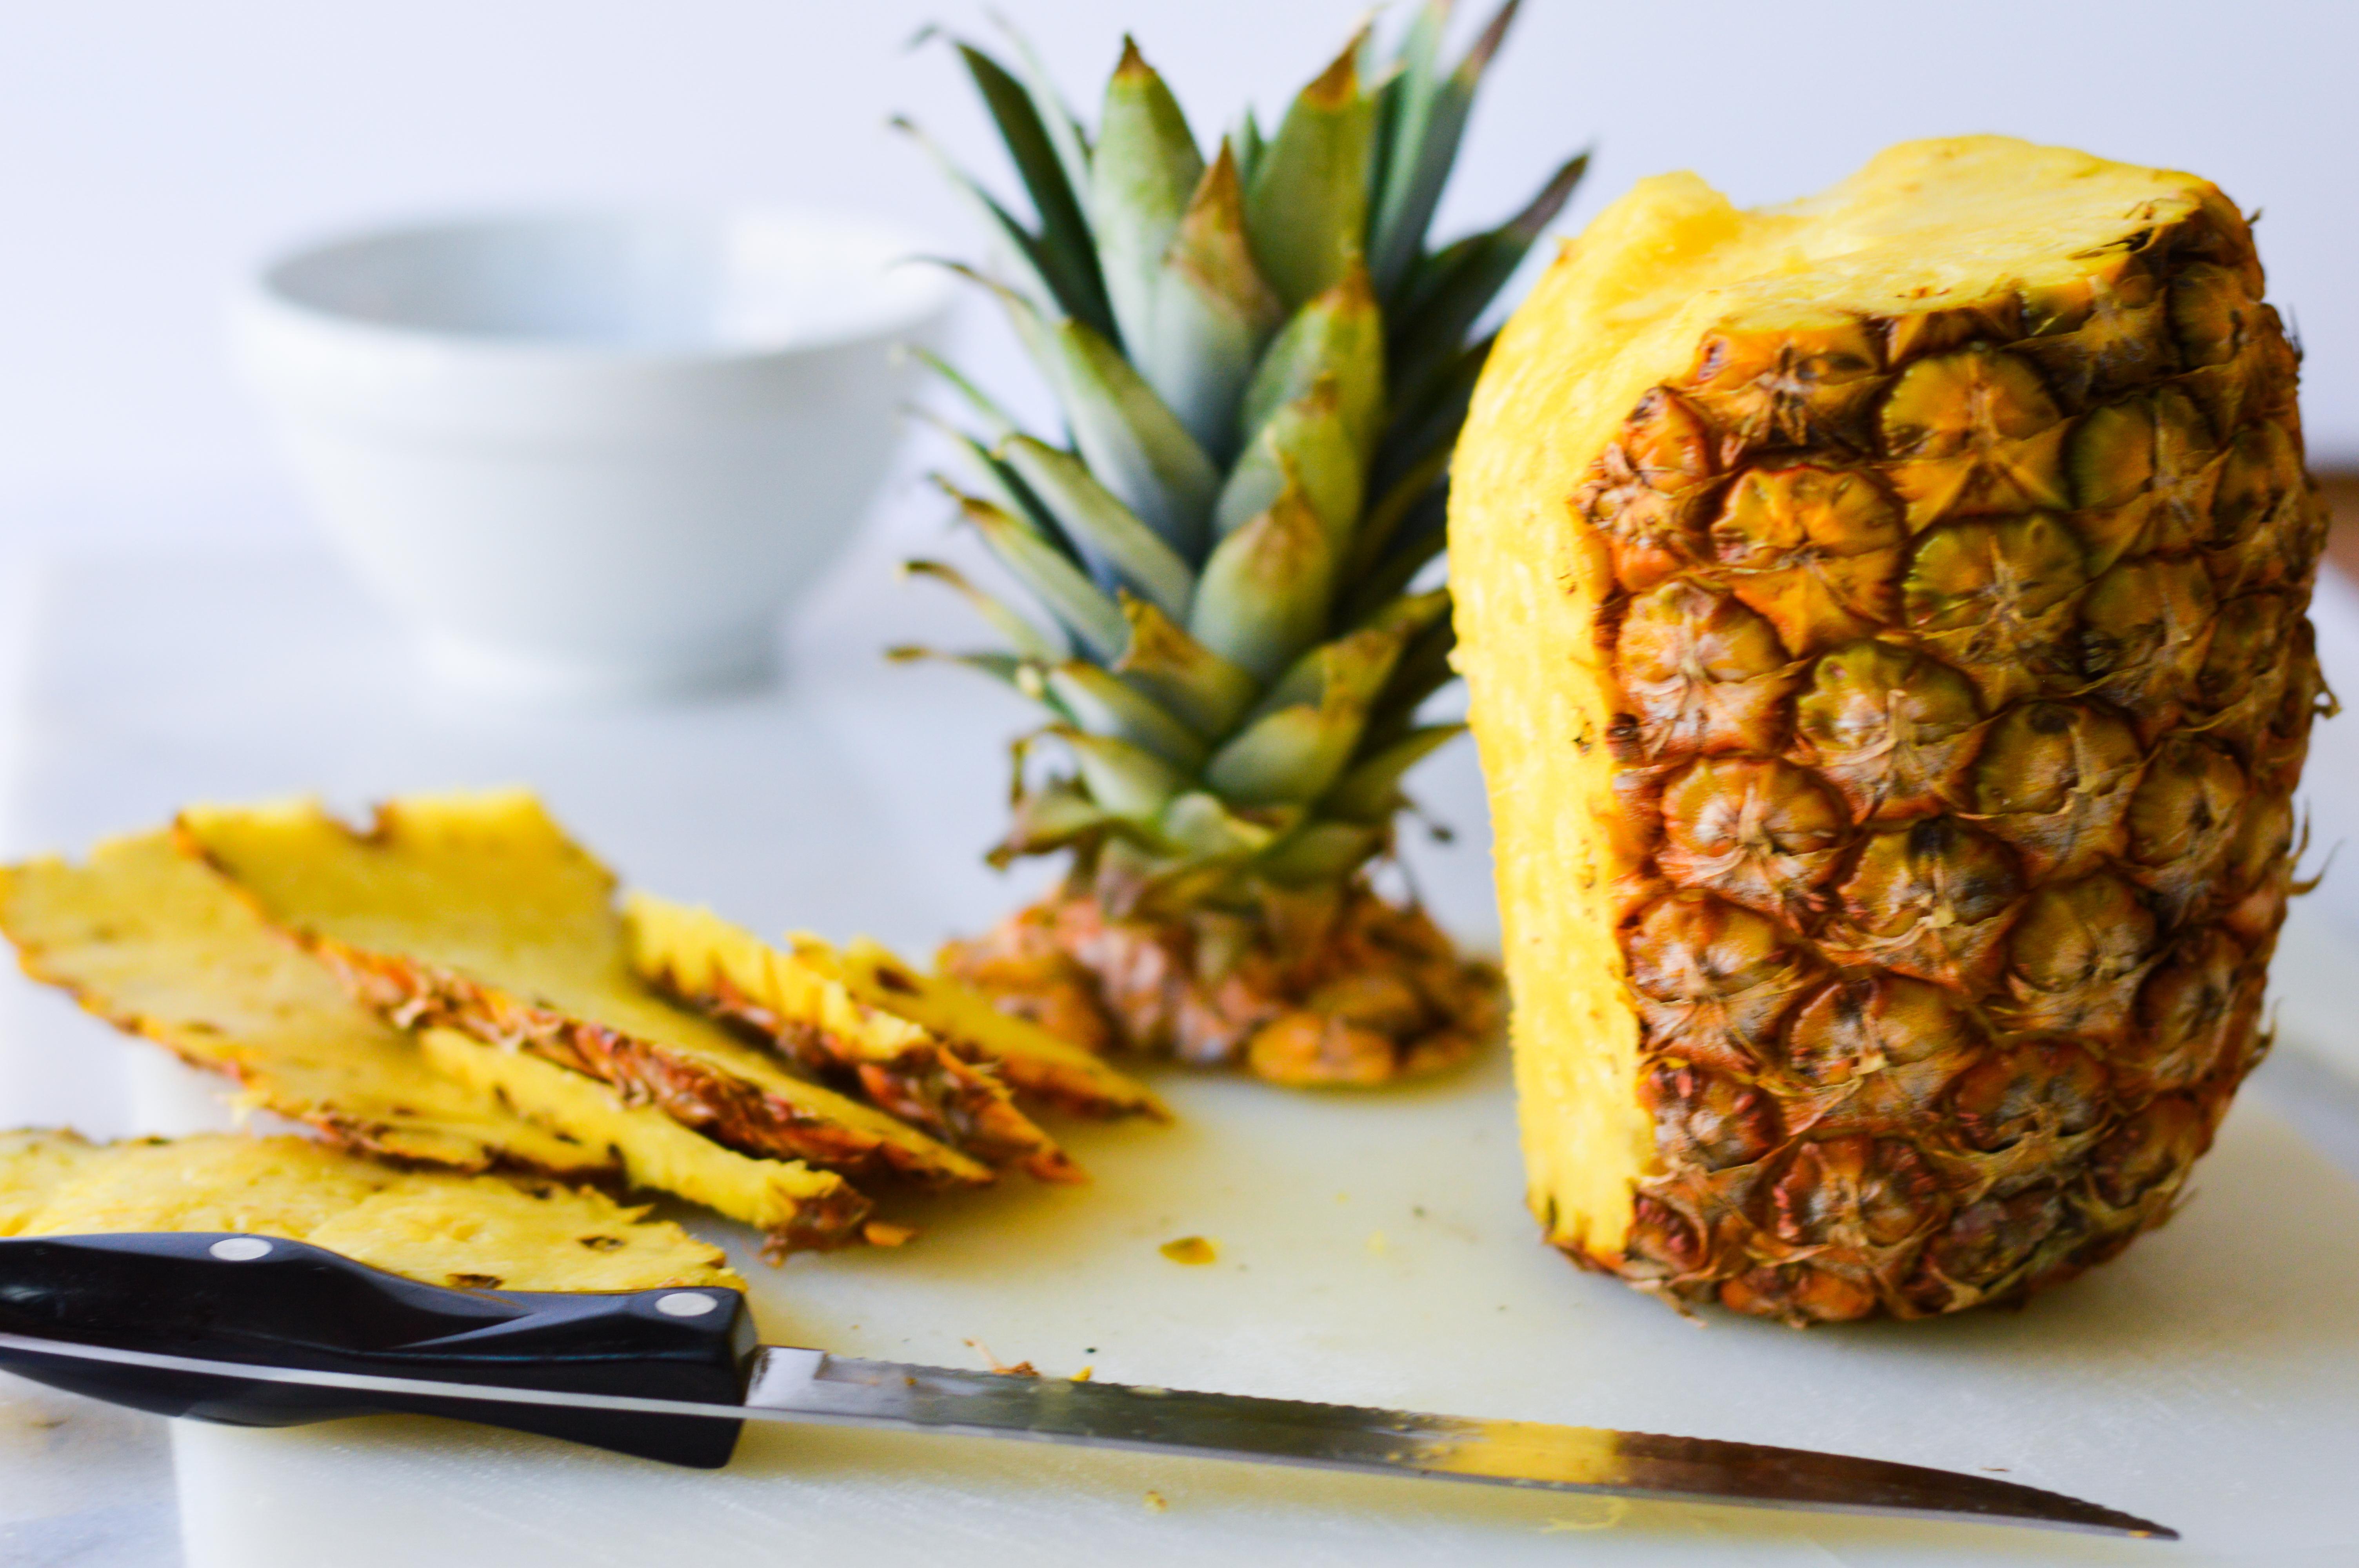 Fresh Pineapple lemon basil salad